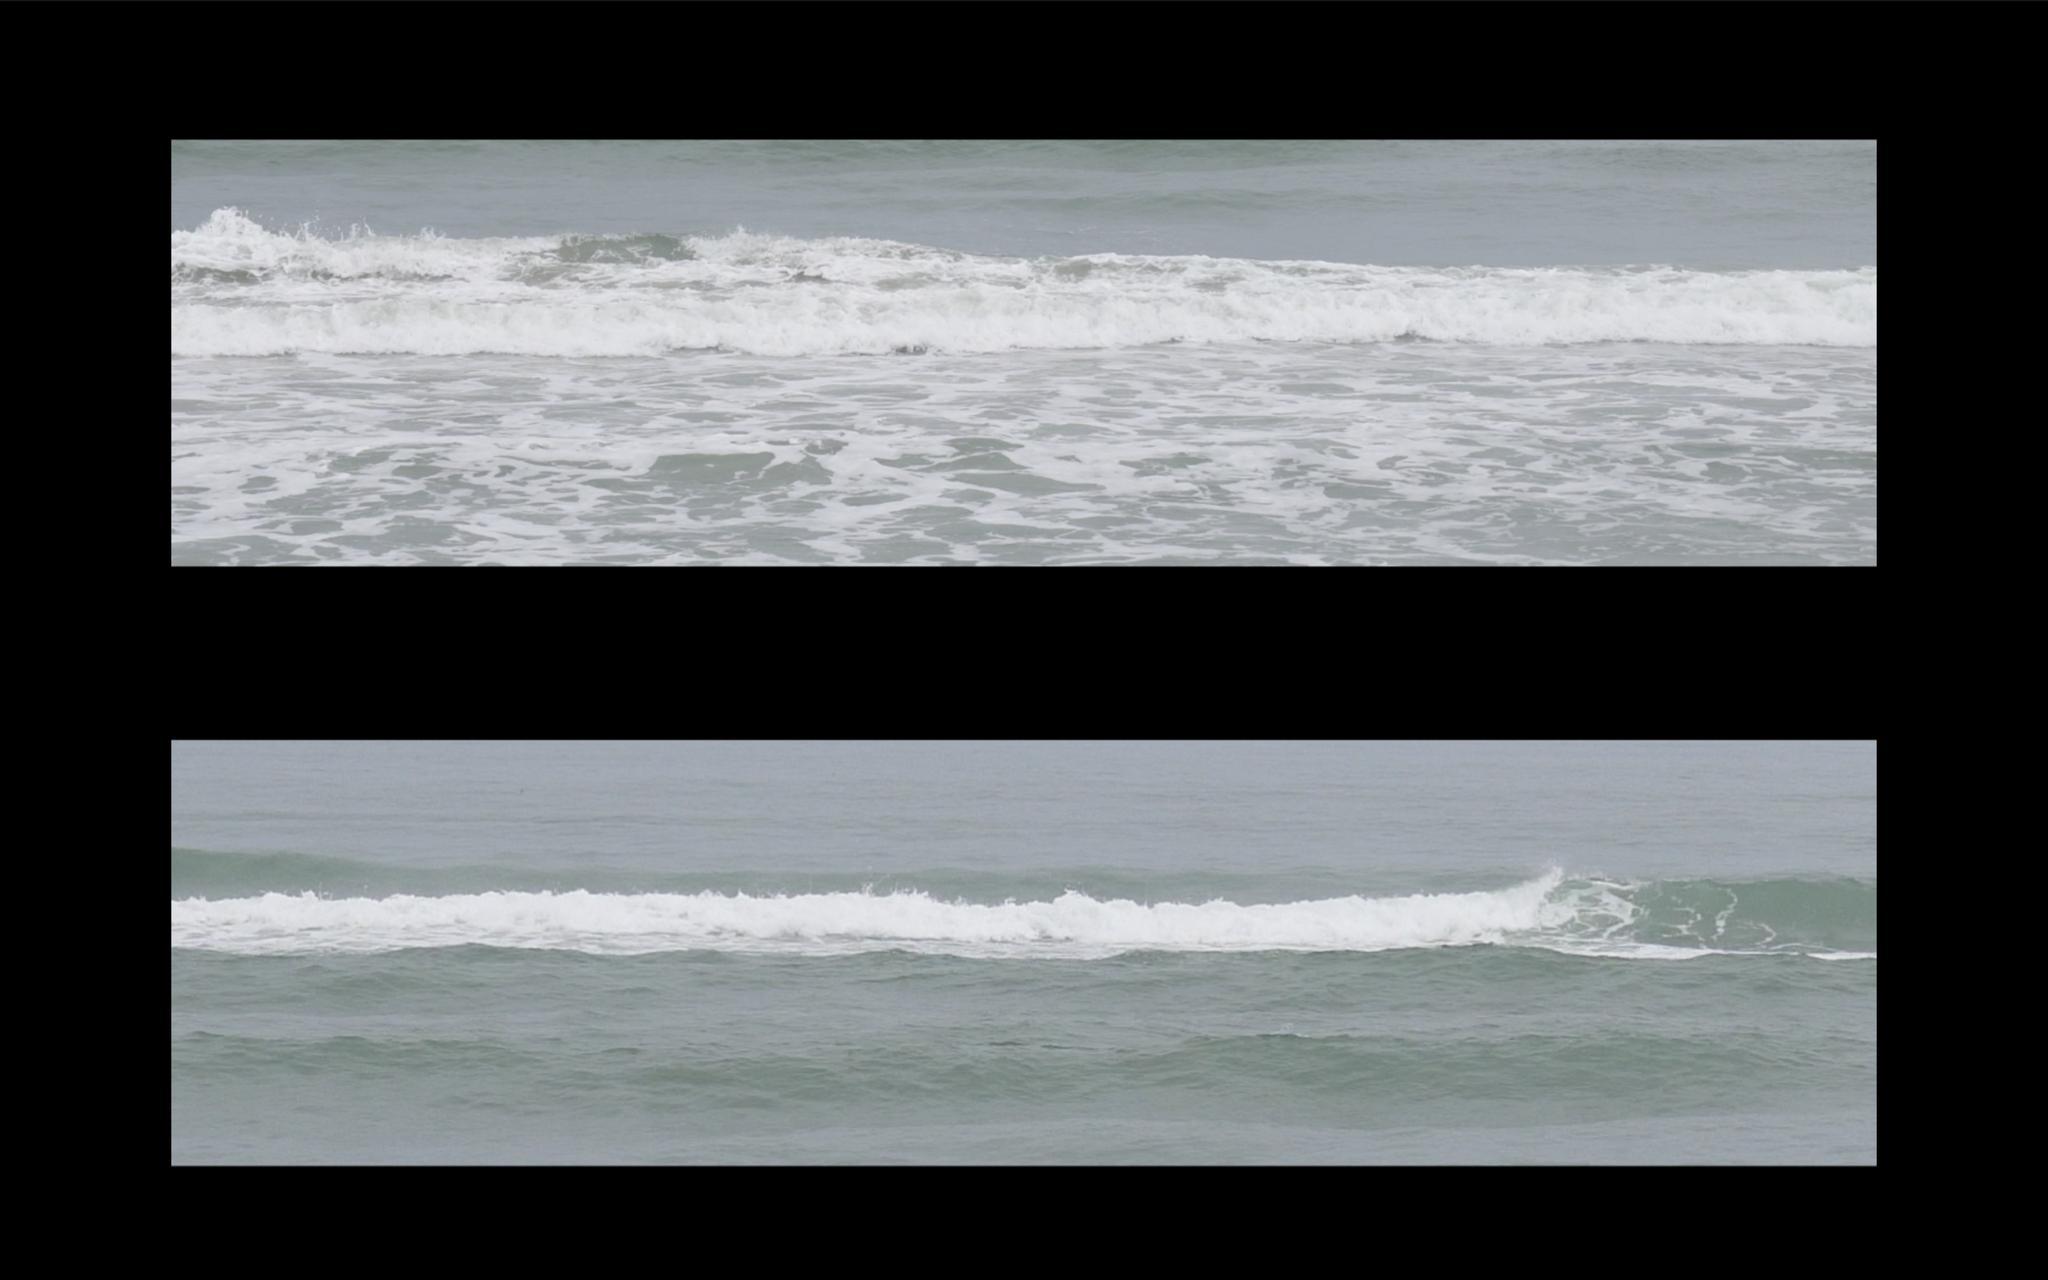 叶秋森《两片海》影像